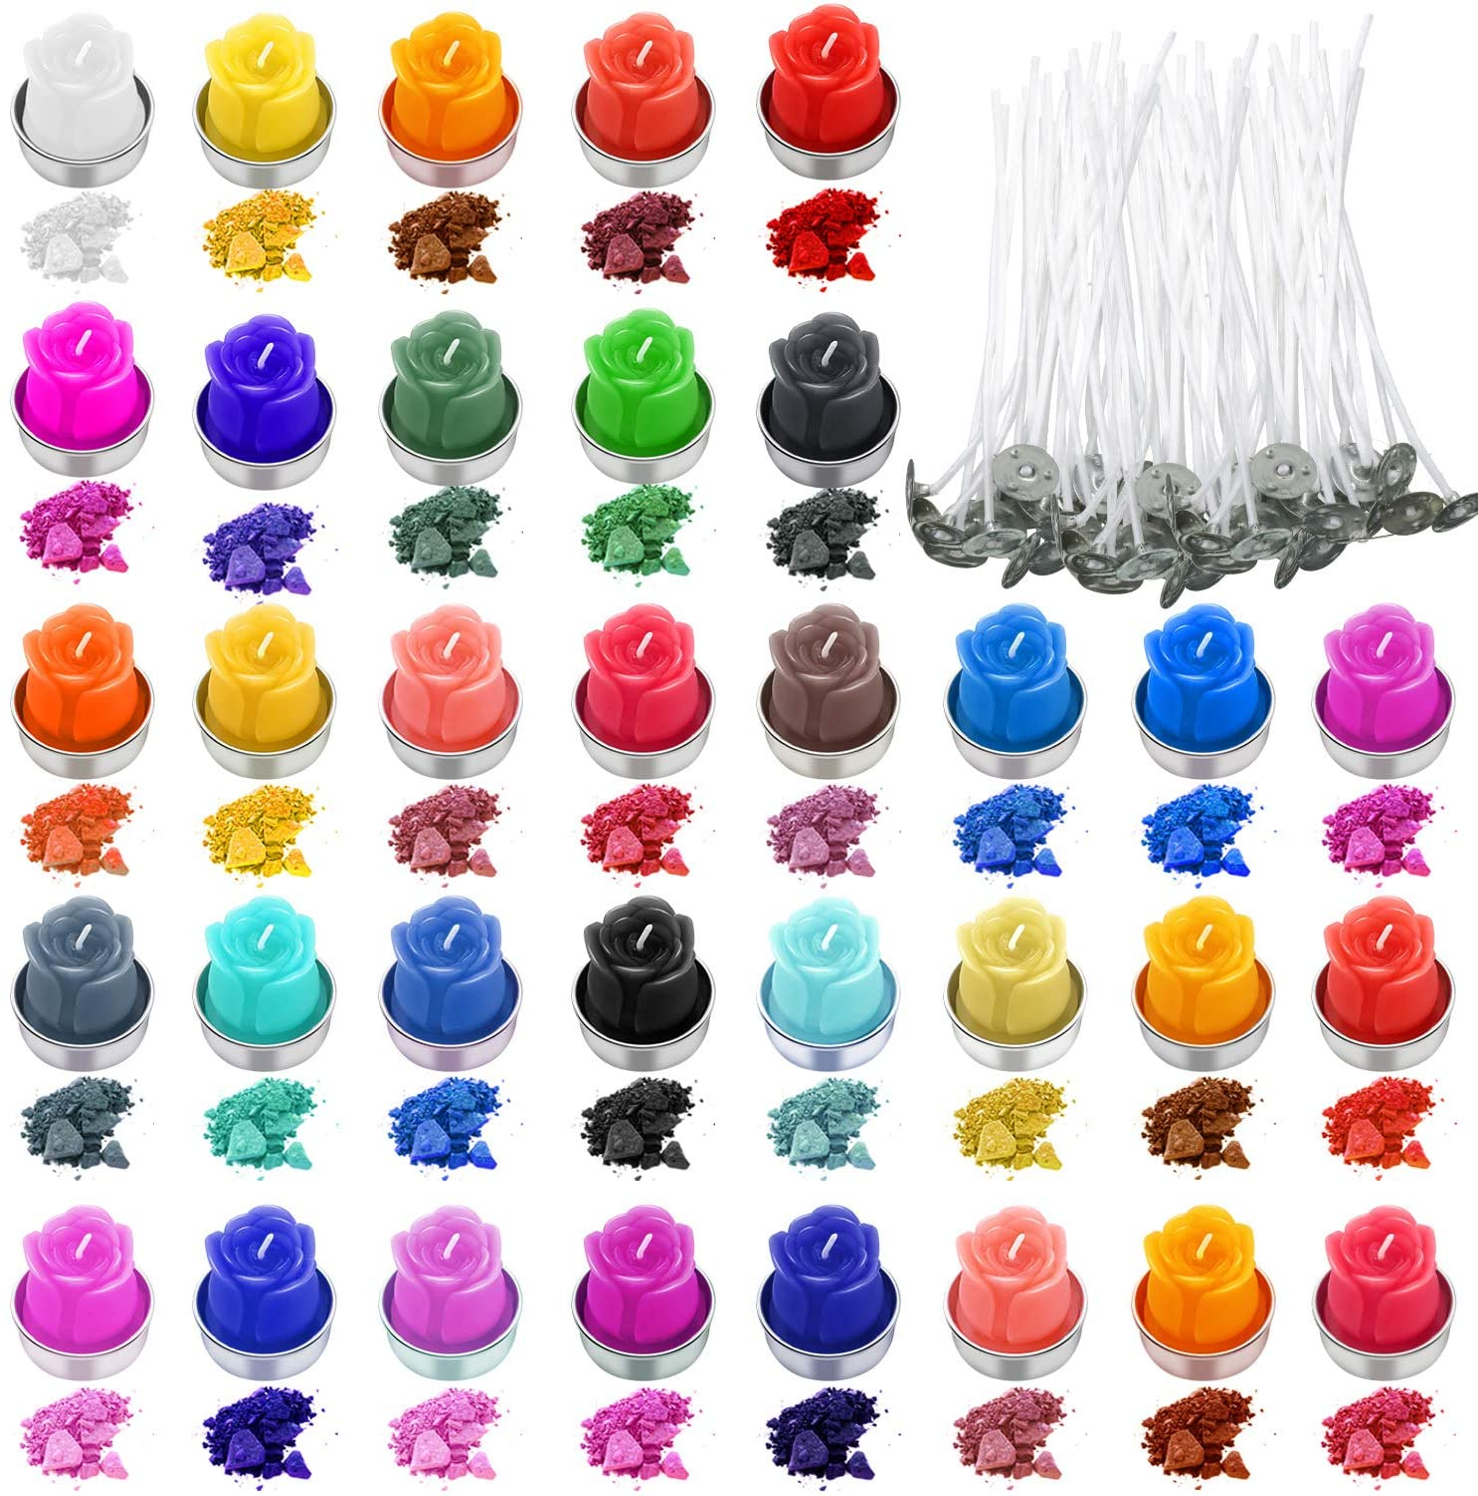 24pcs bougie colorant colorants de bougie de soja kit de puces de teinture de bougie pour bougie faire des fournitures Kit artisanat cire de soja bougie colorant faisant des bougies parfum/ées